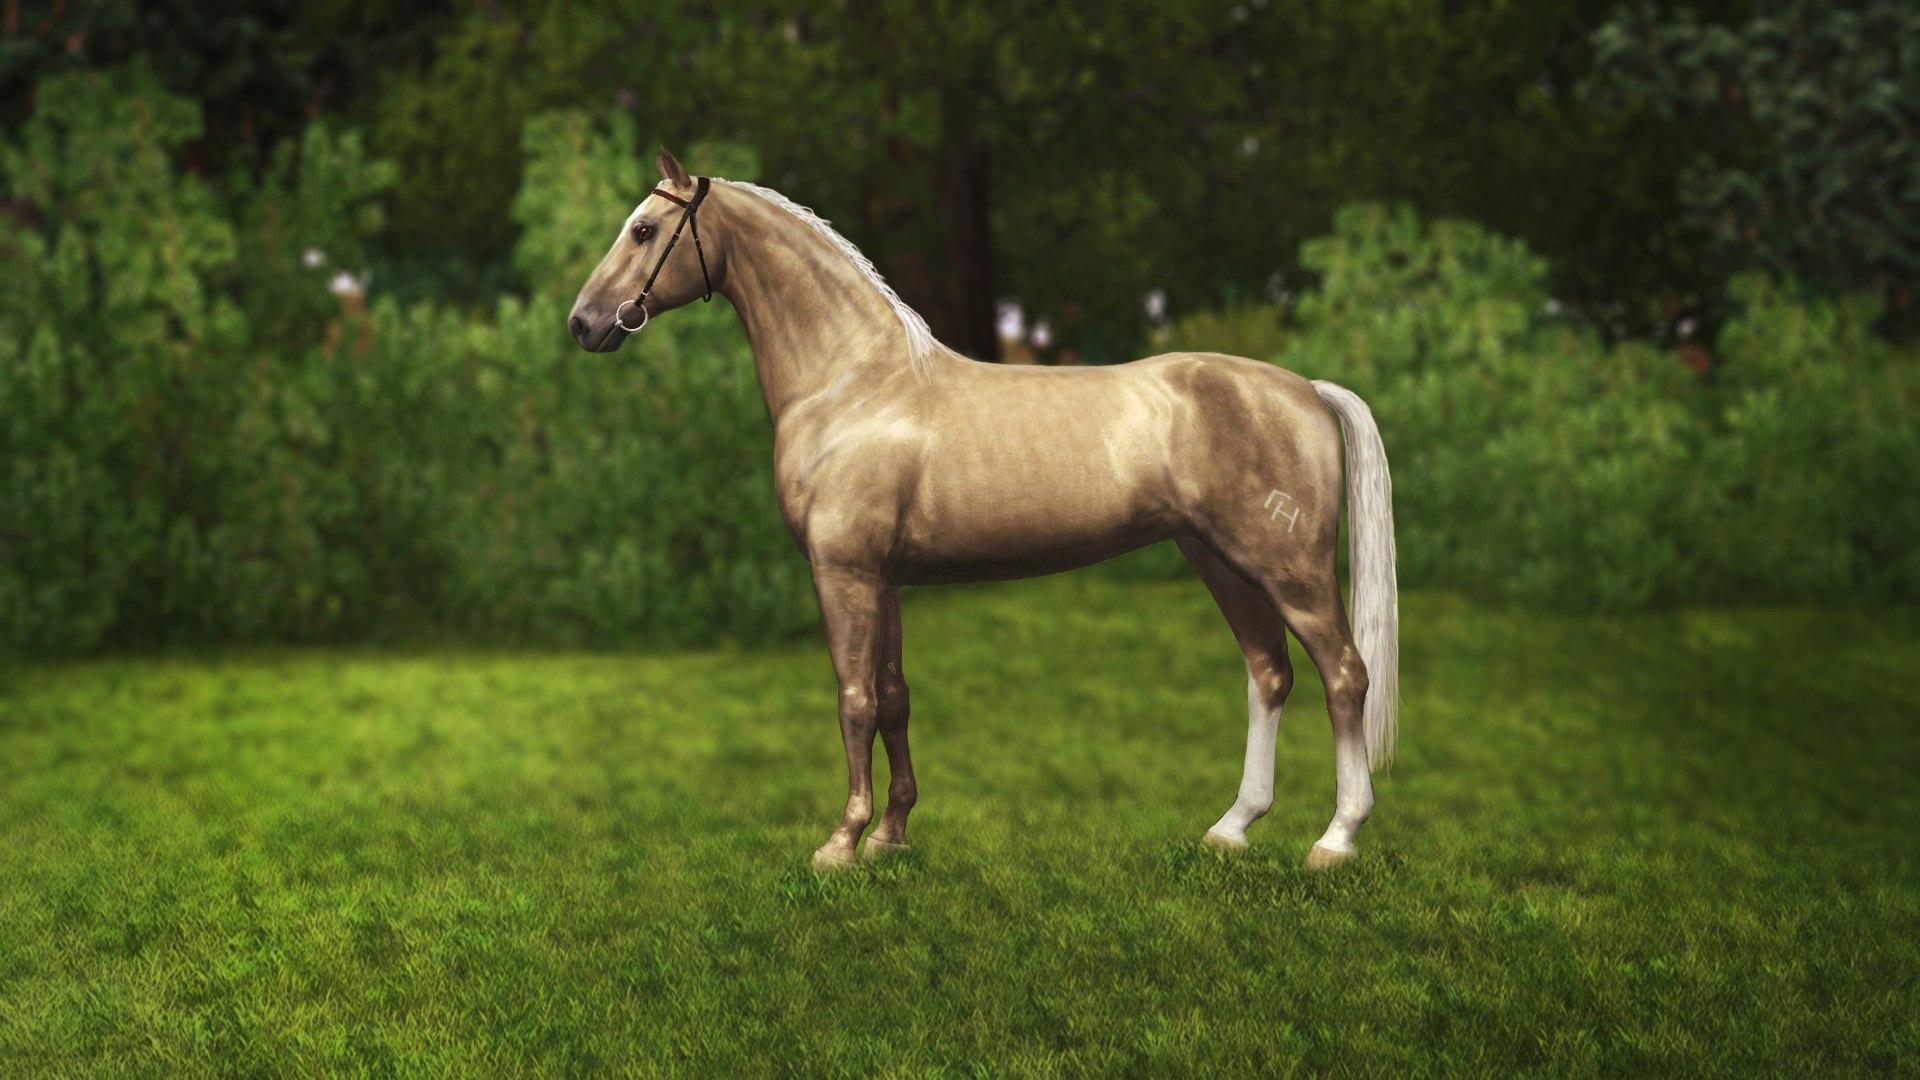 Регистрация лошадей в RHF 2 - Страница 3 KW023vAkPdk